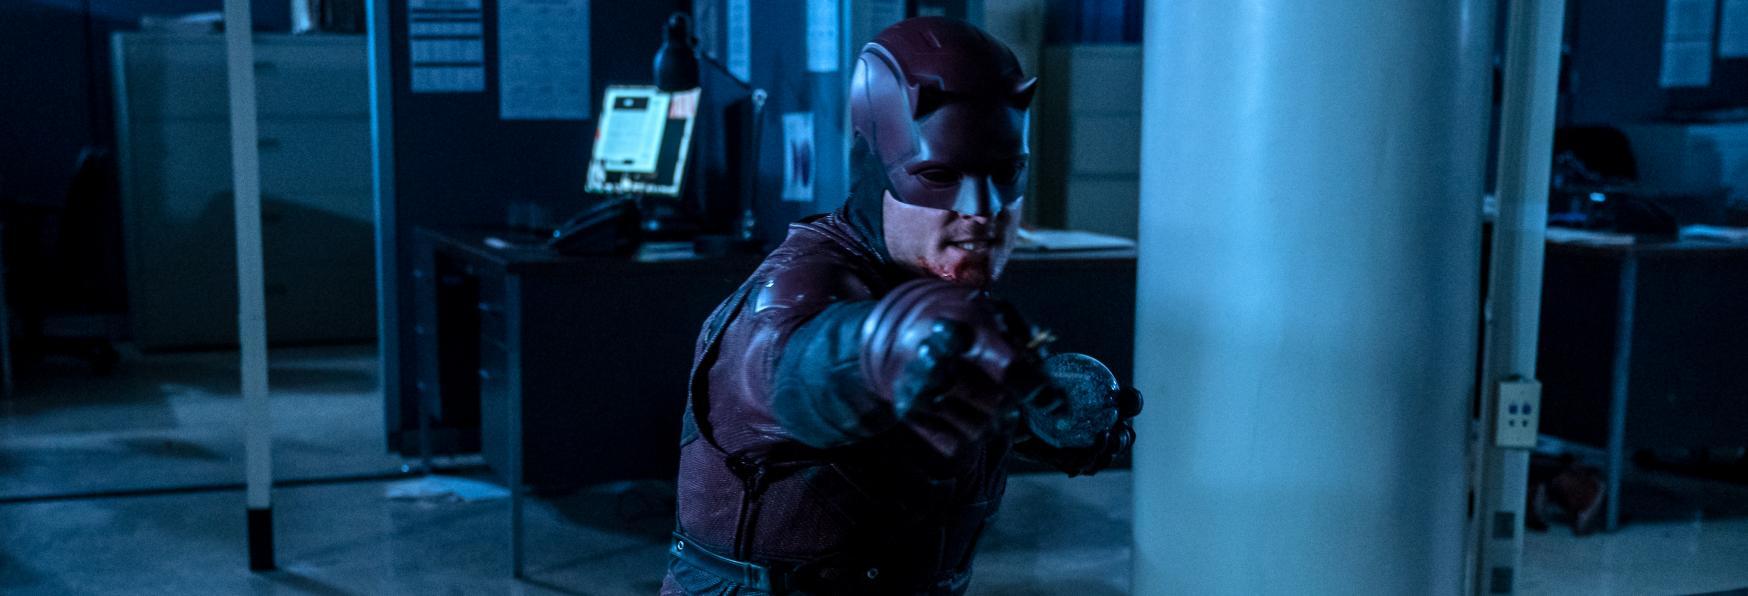 La 3° e Ultima Stagione di Daredevil arriva in Prima Visione su Rai4